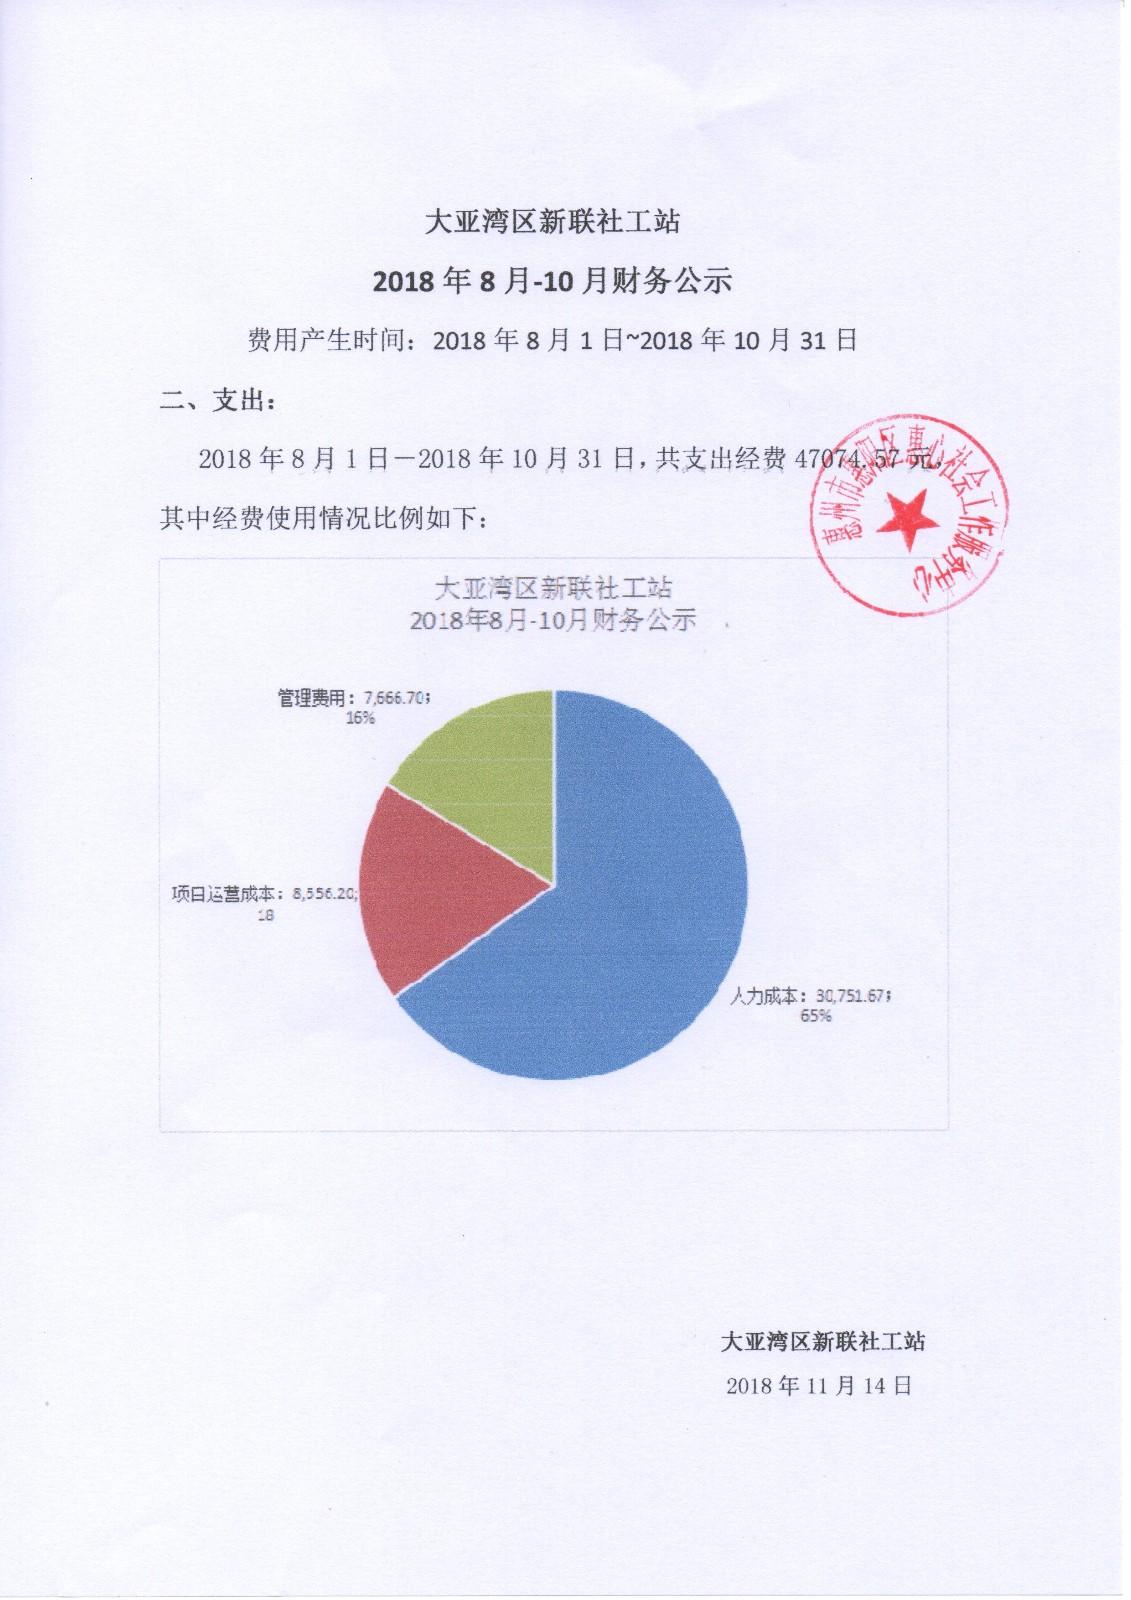 新联10月财务公示002.jpg